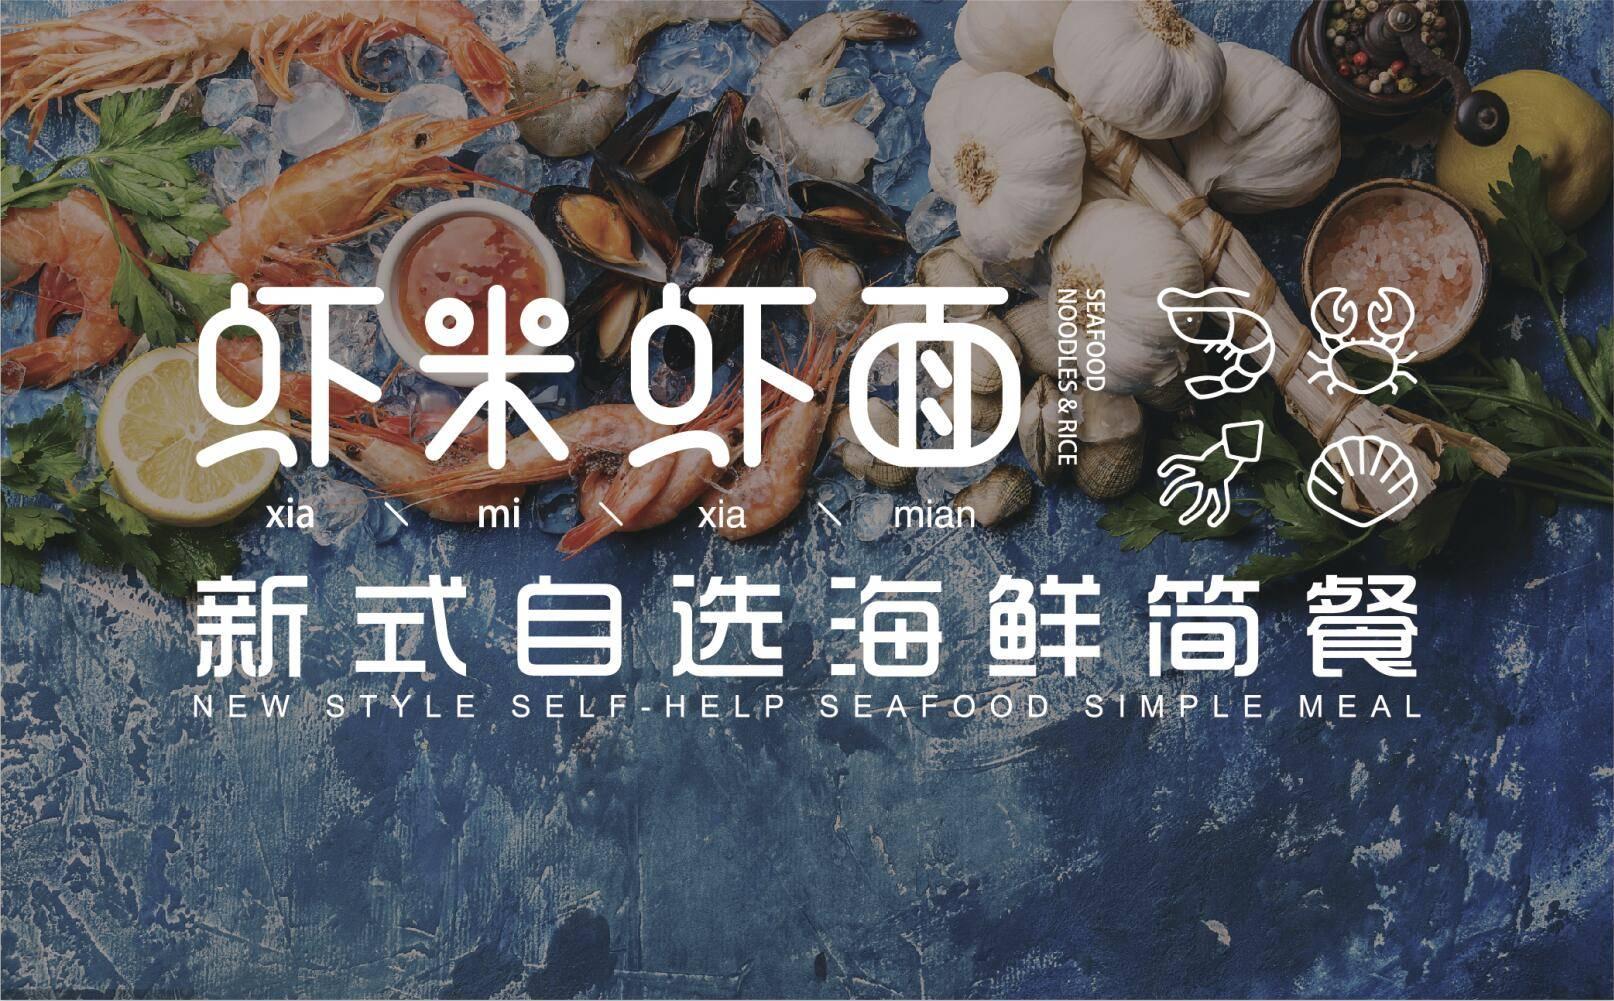 虾米虾面-新式自选海鲜简餐